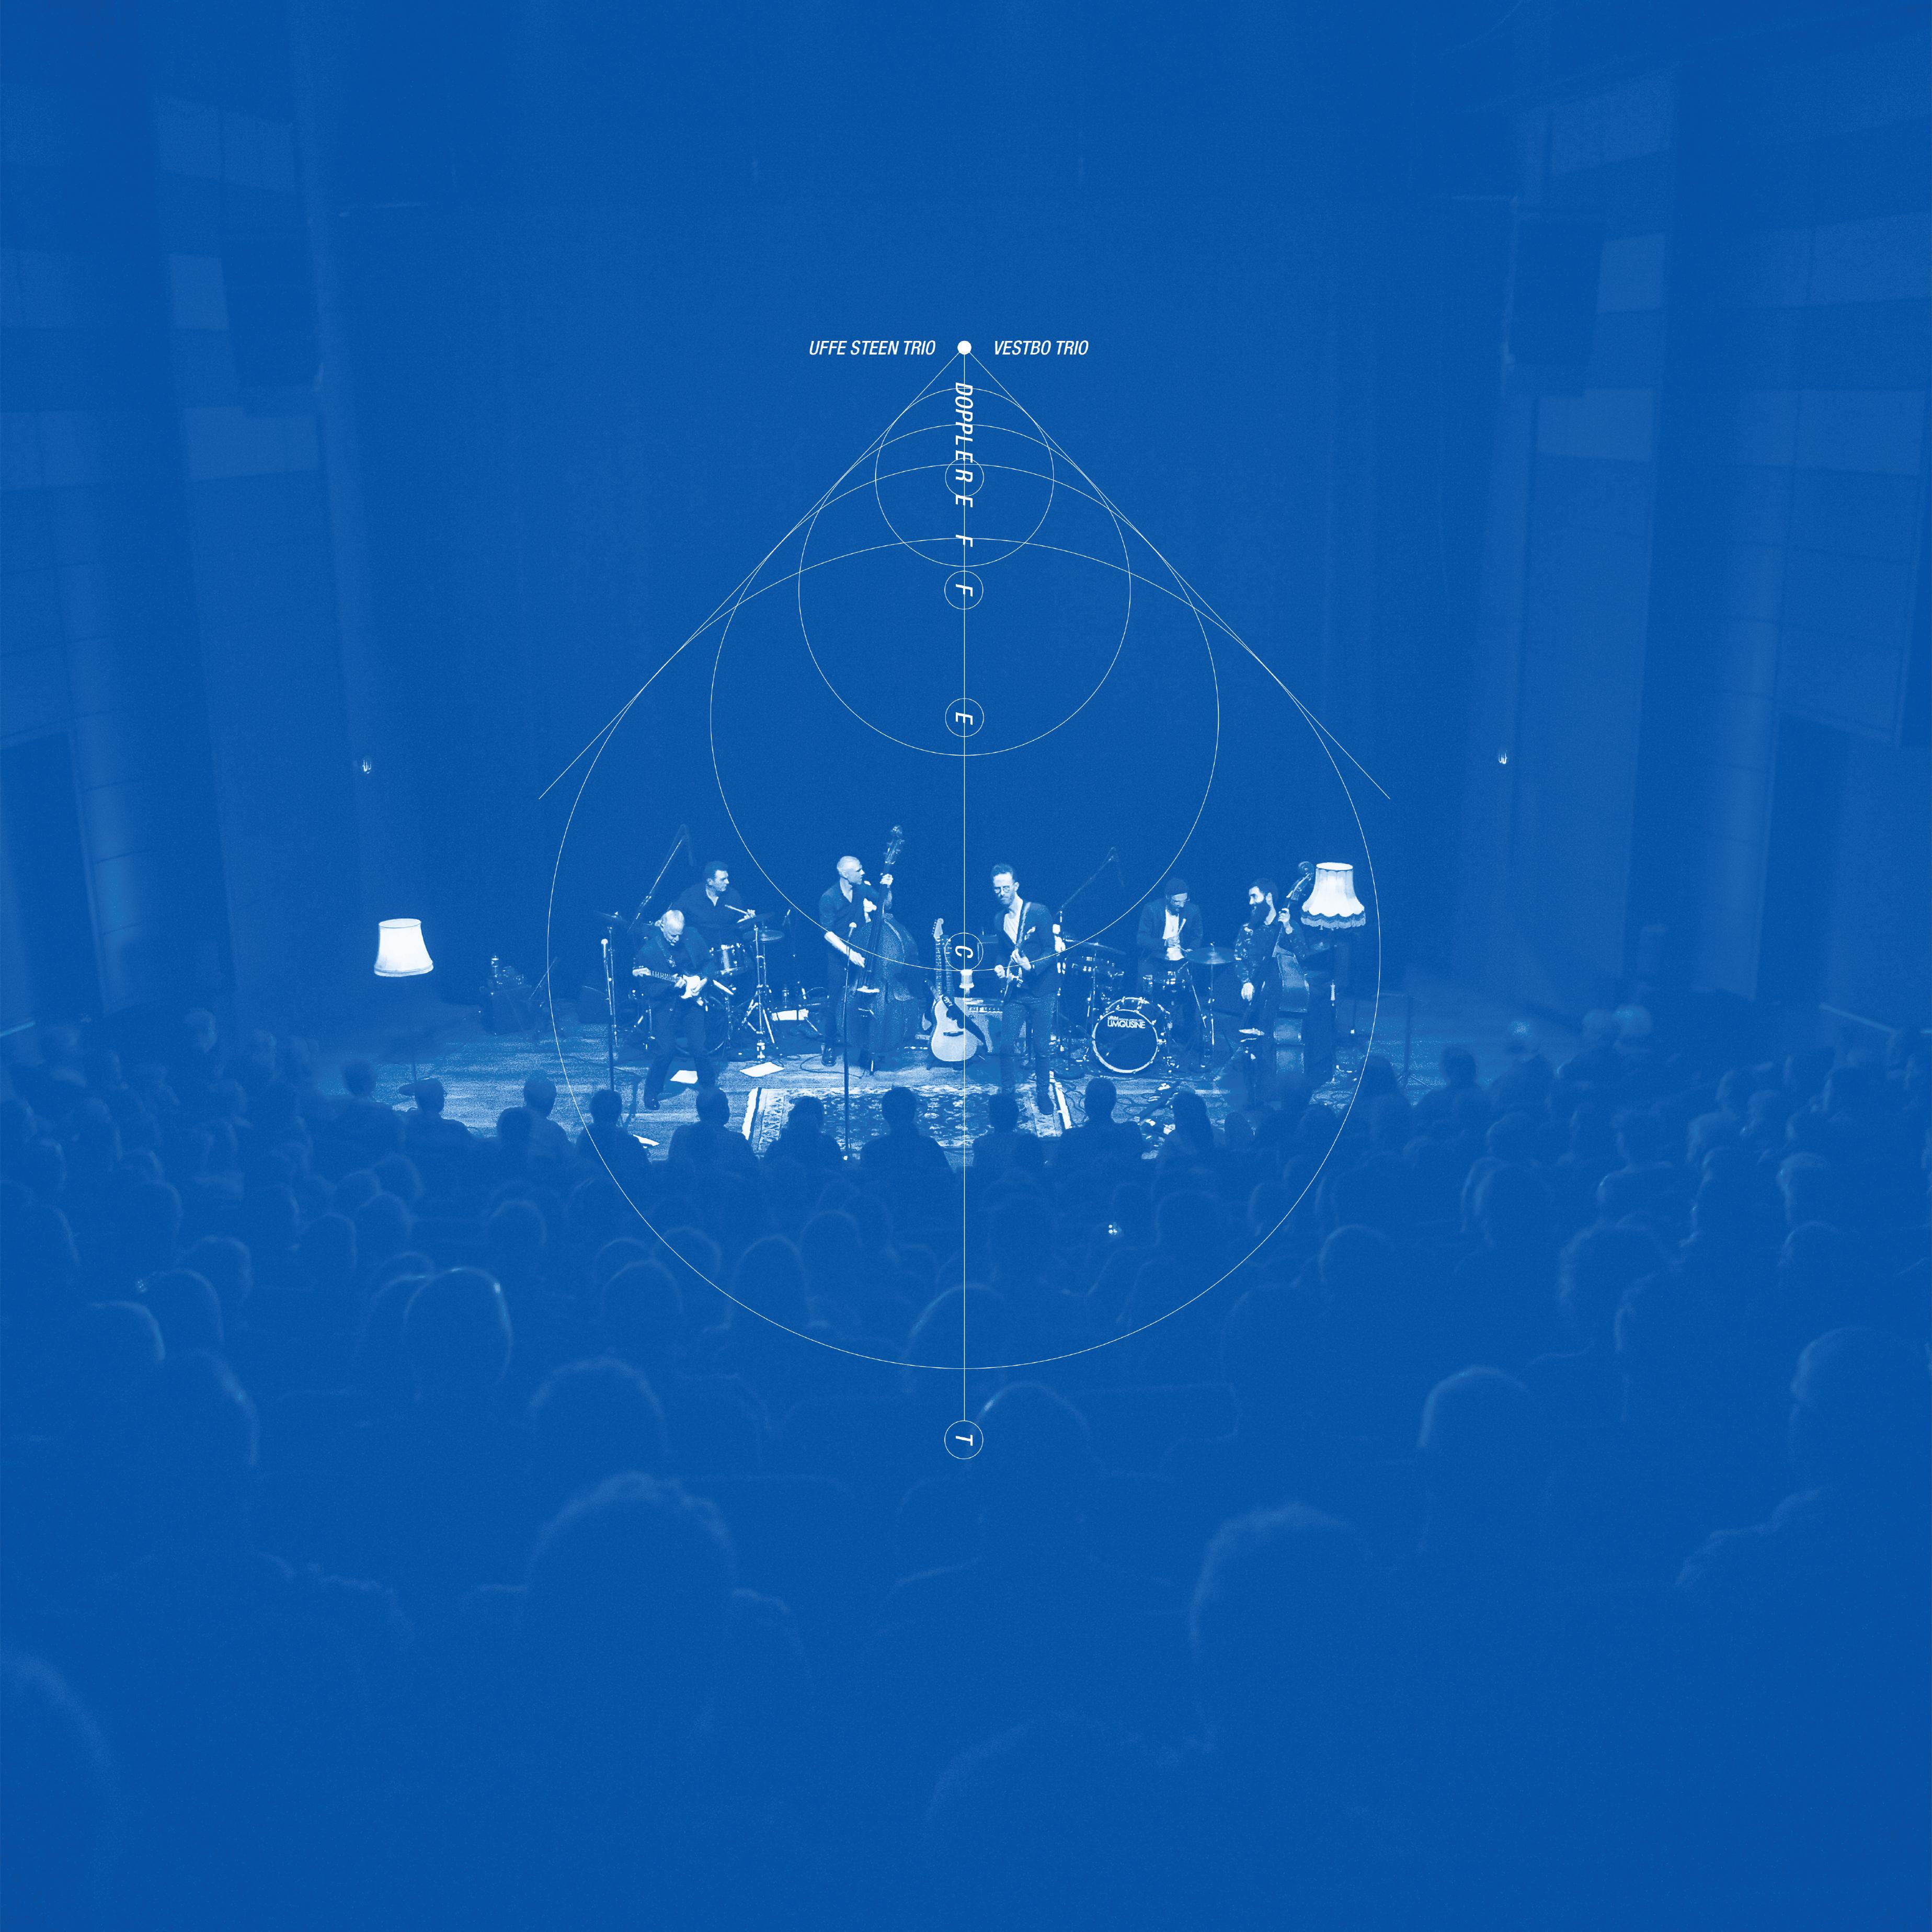 Doppler Effect - Uffe Steen Trio & Vestbo Trio - Musik -  - 5707471054307 - March 23, 2018